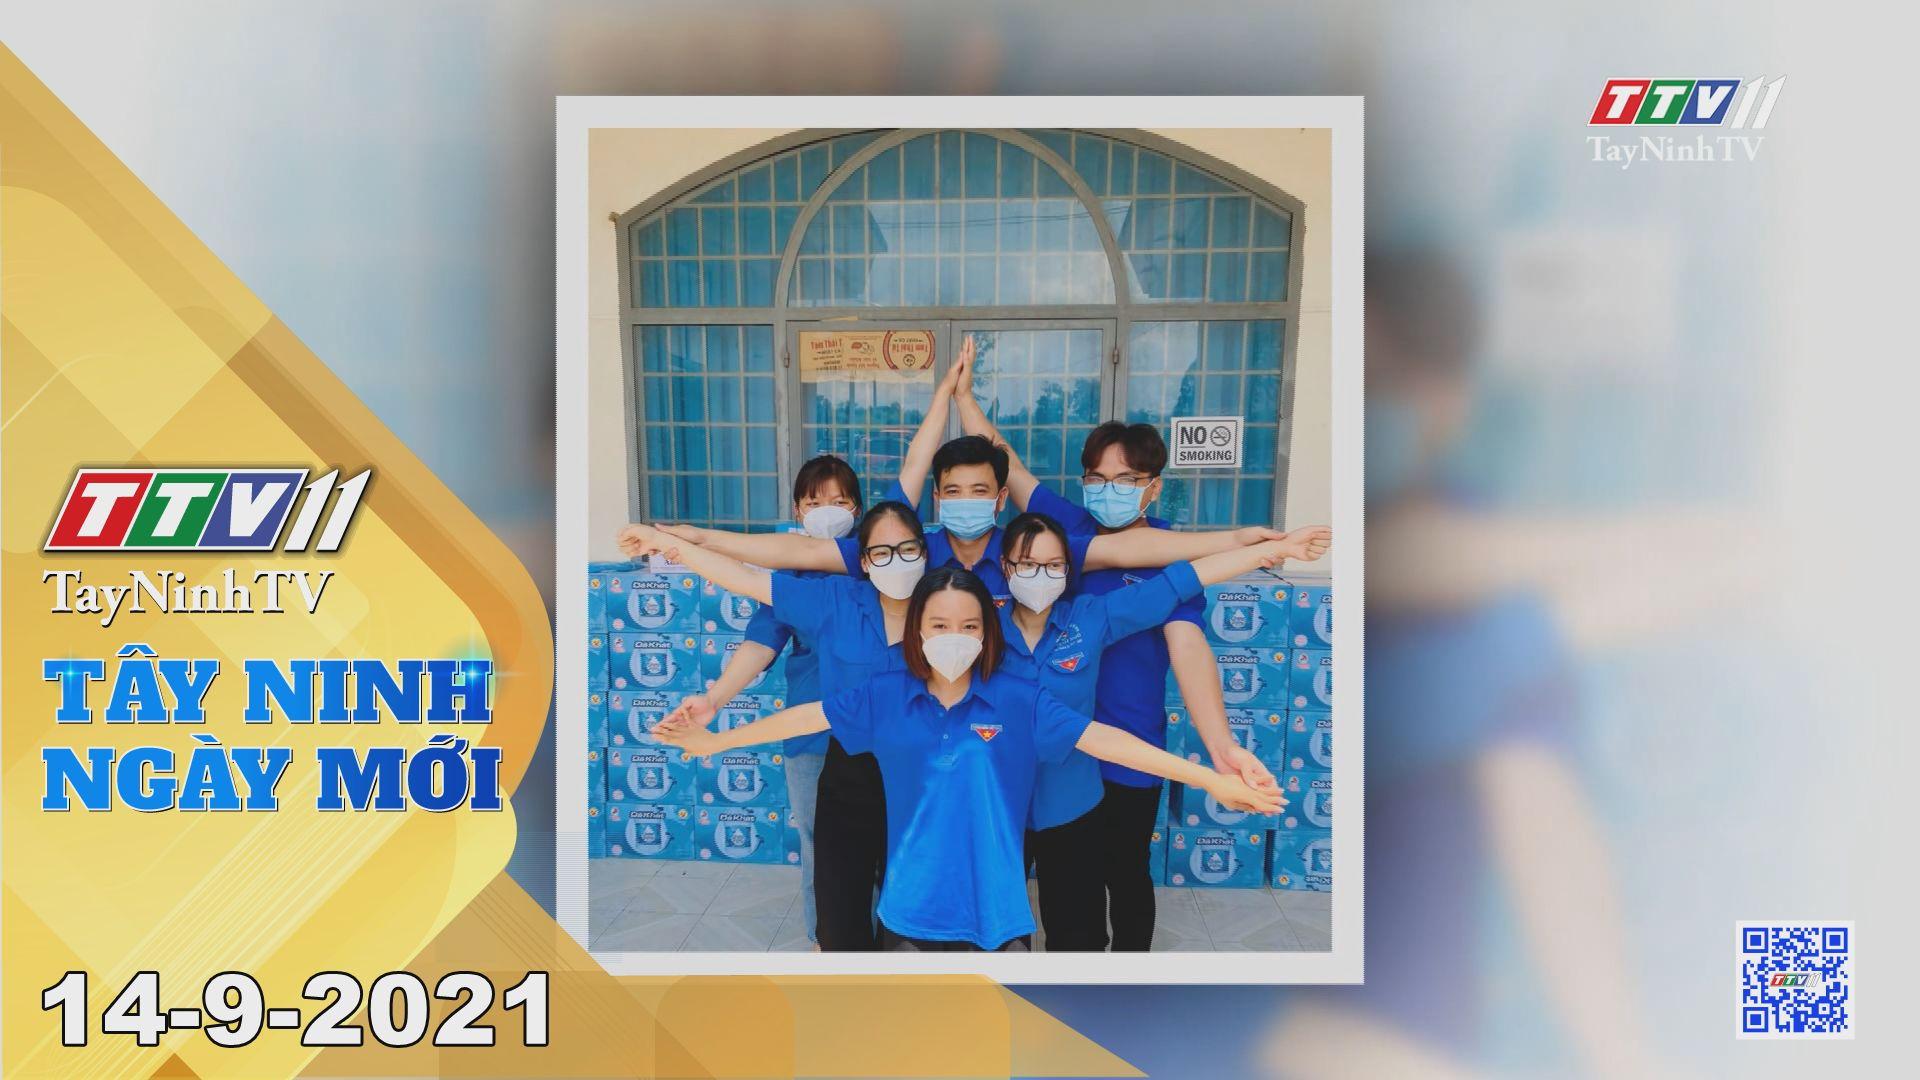 Tây Ninh Ngày Mới 14-9-2021 | Tin tức hôm nay | TayNinhTV